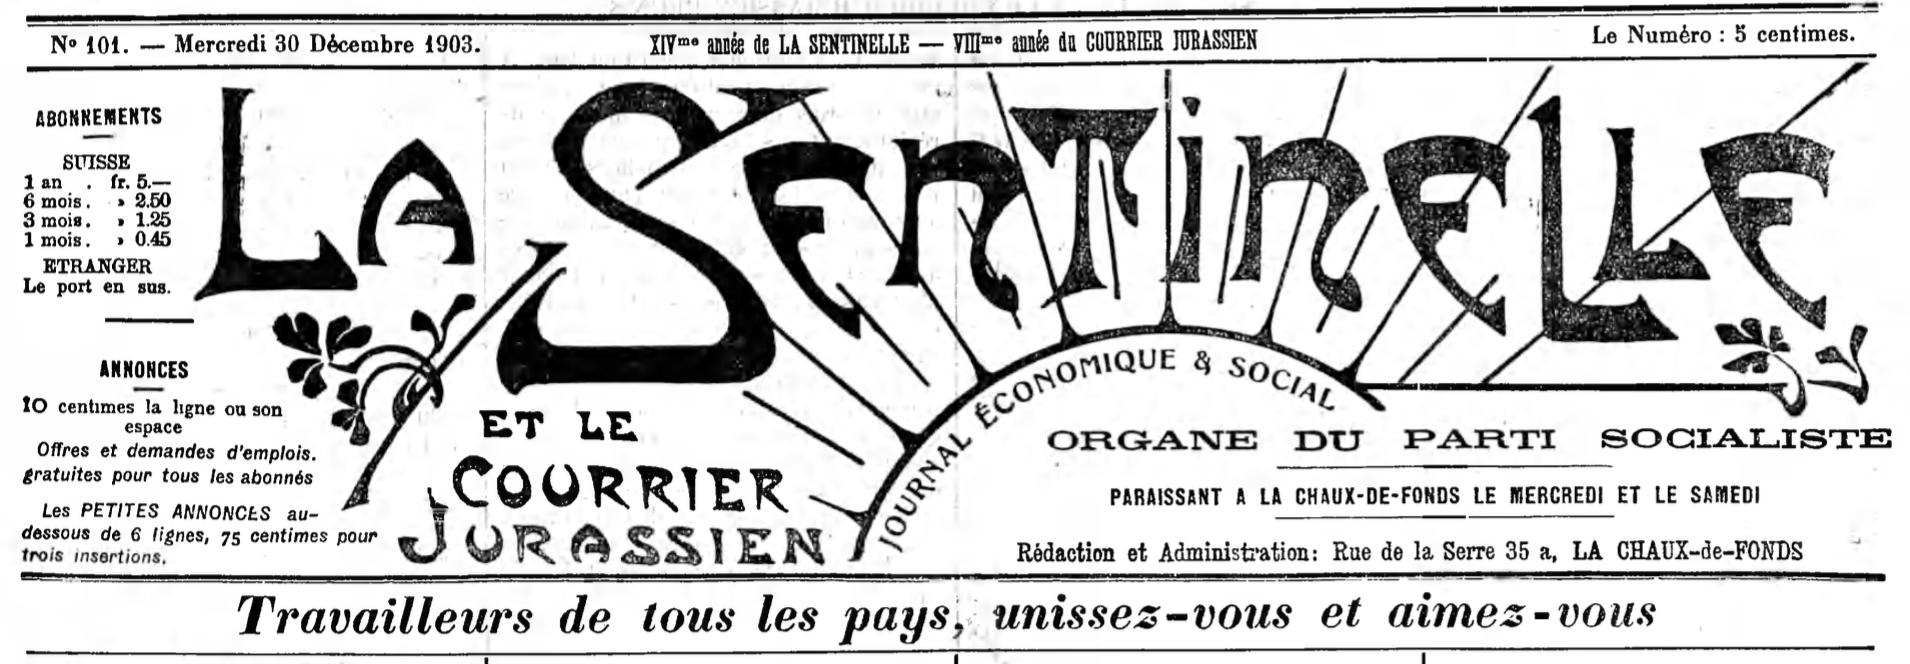 Titre La Sentinelle 1903